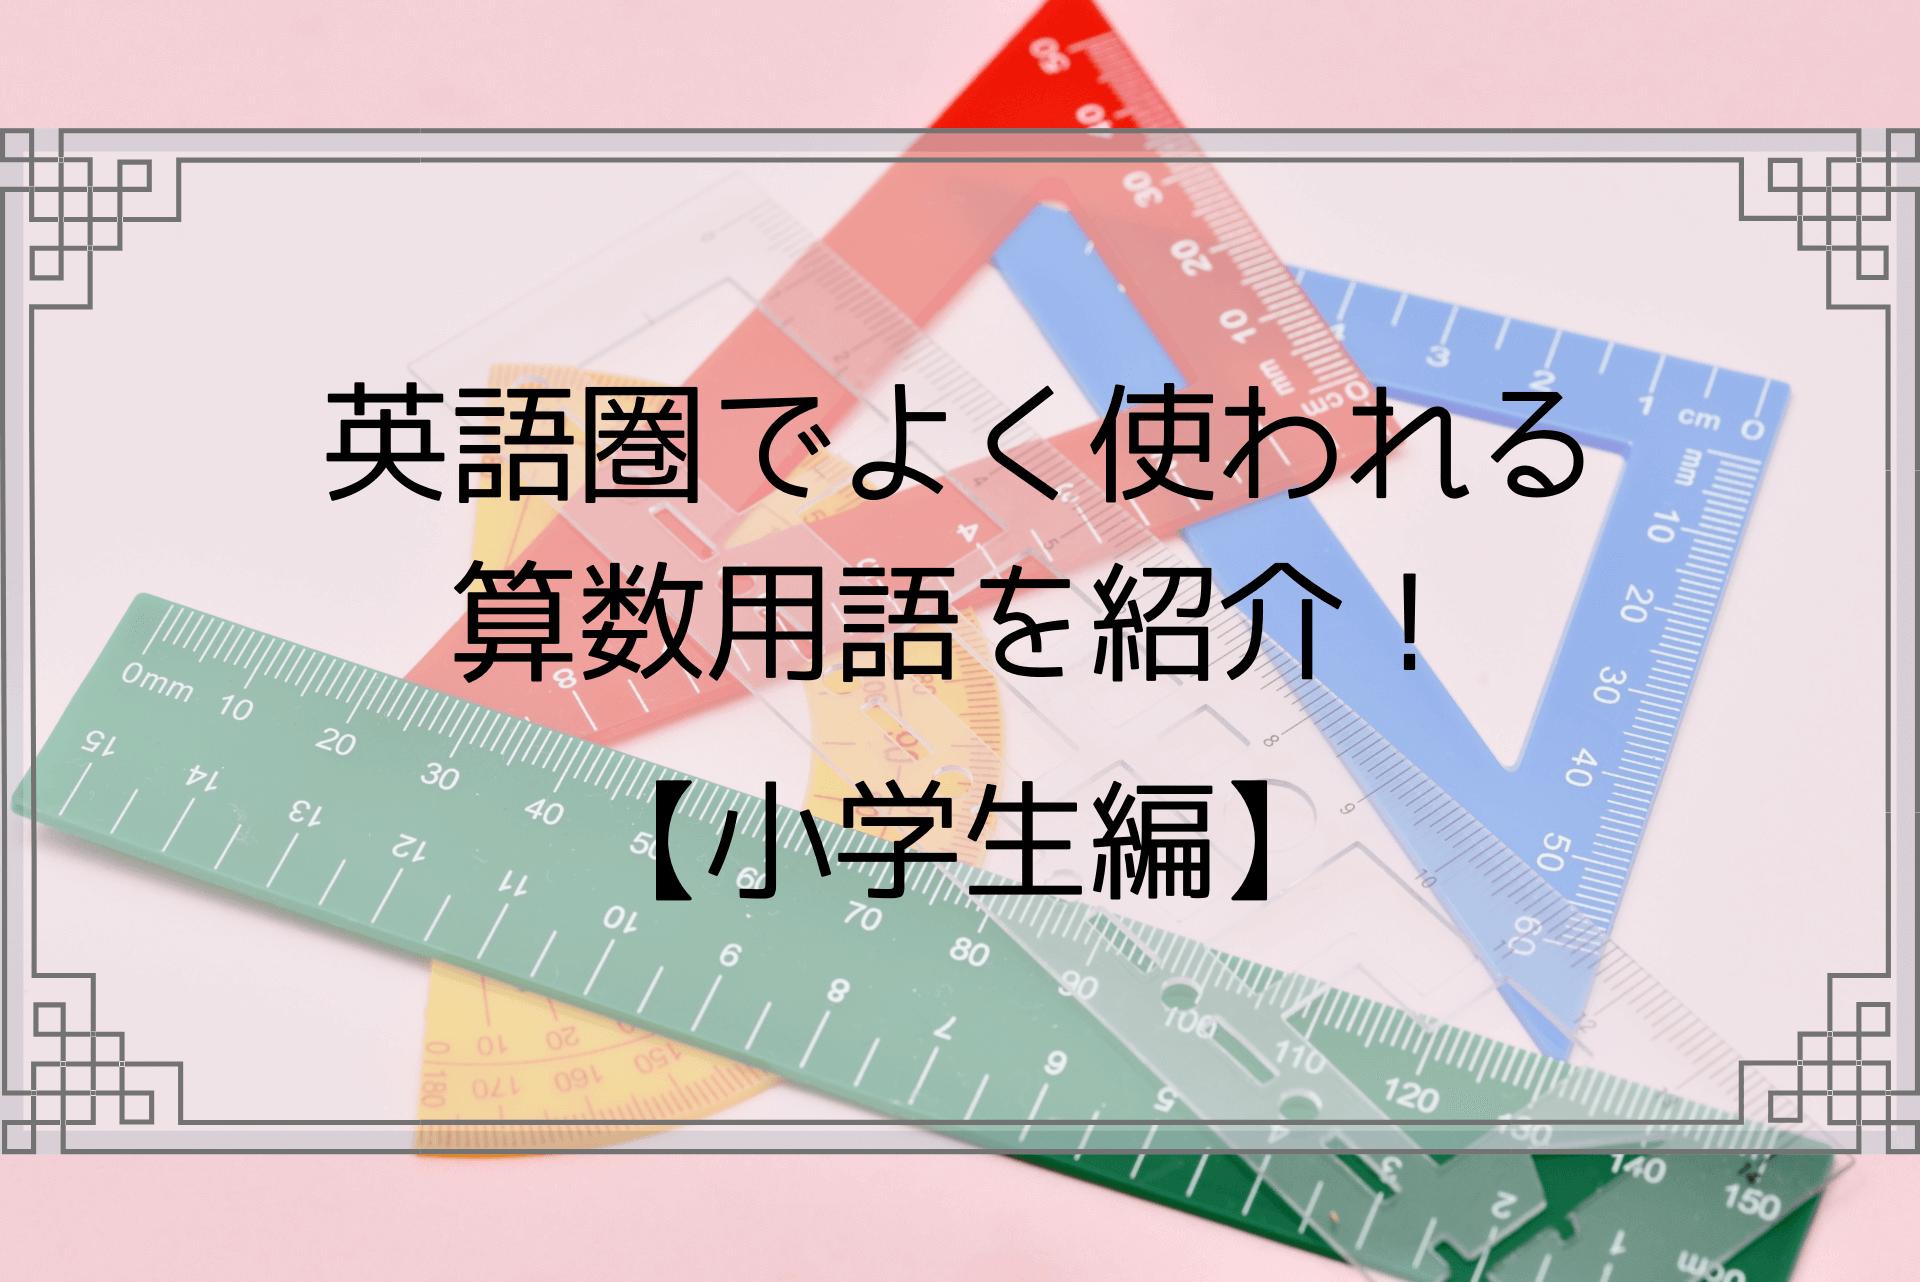 英語圏でよく使われる算数用語を紹介! (1)